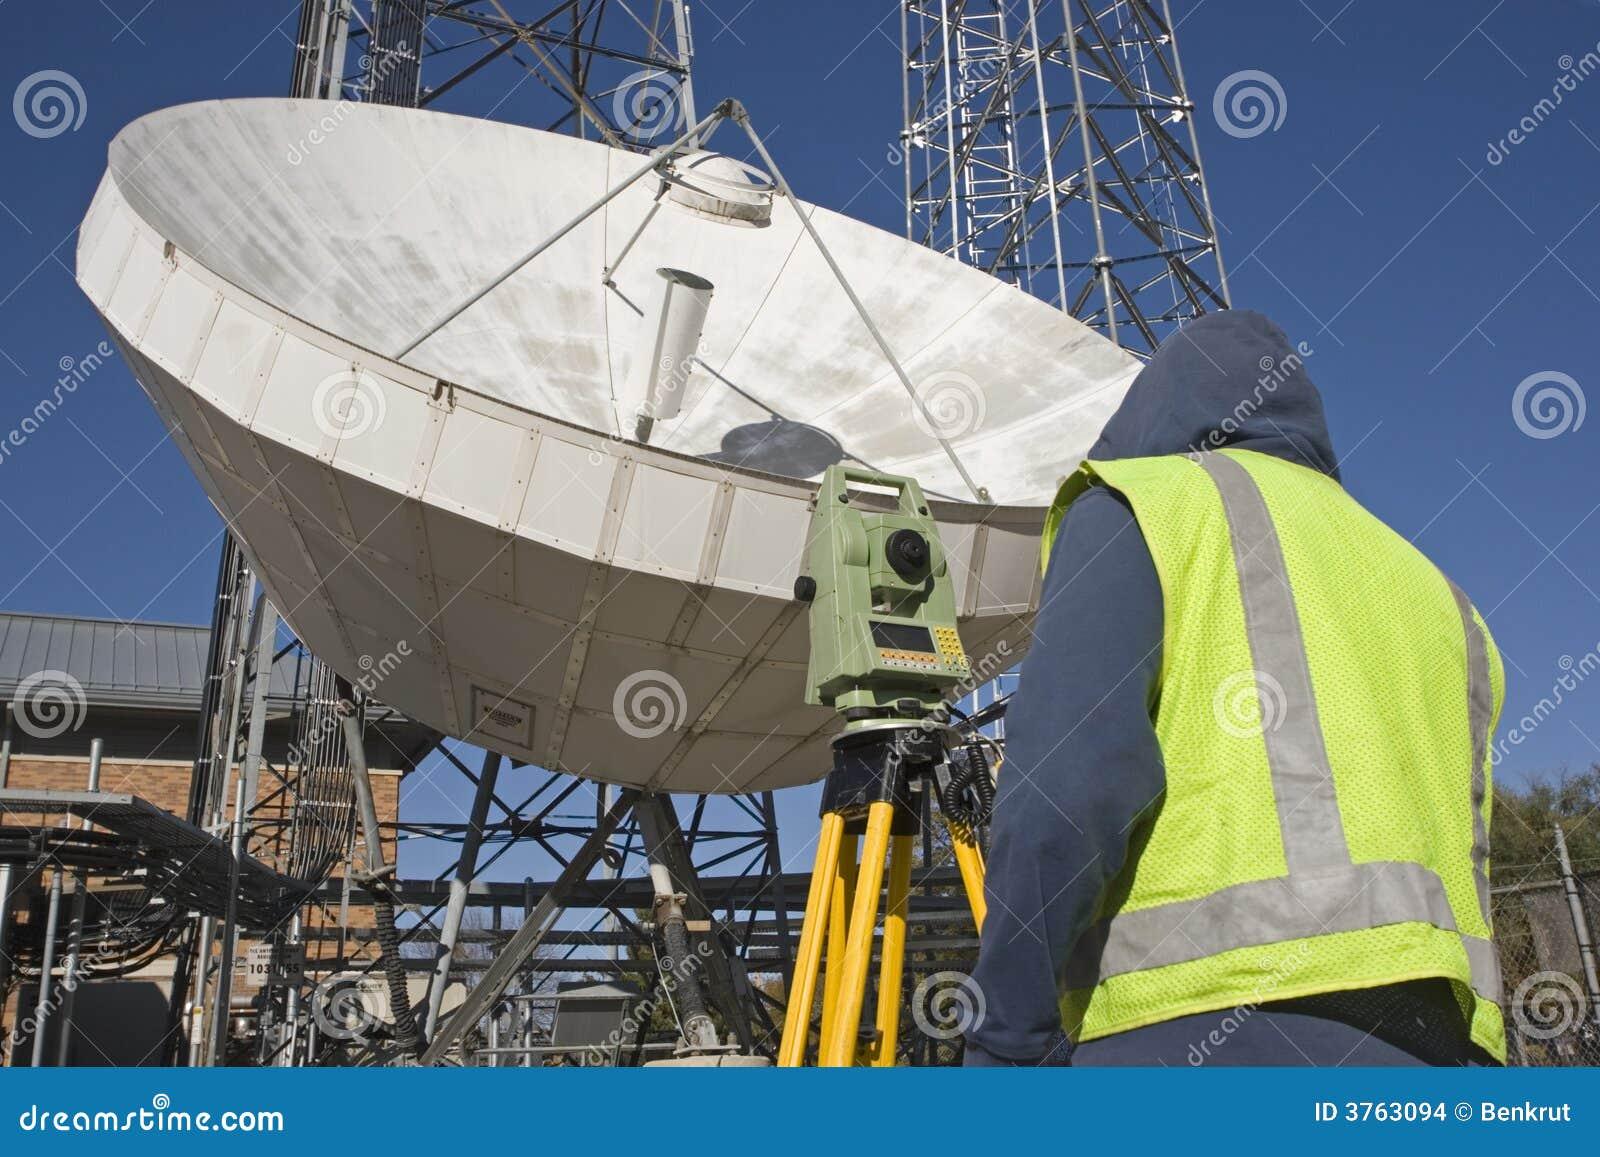 Land surveyor business plan